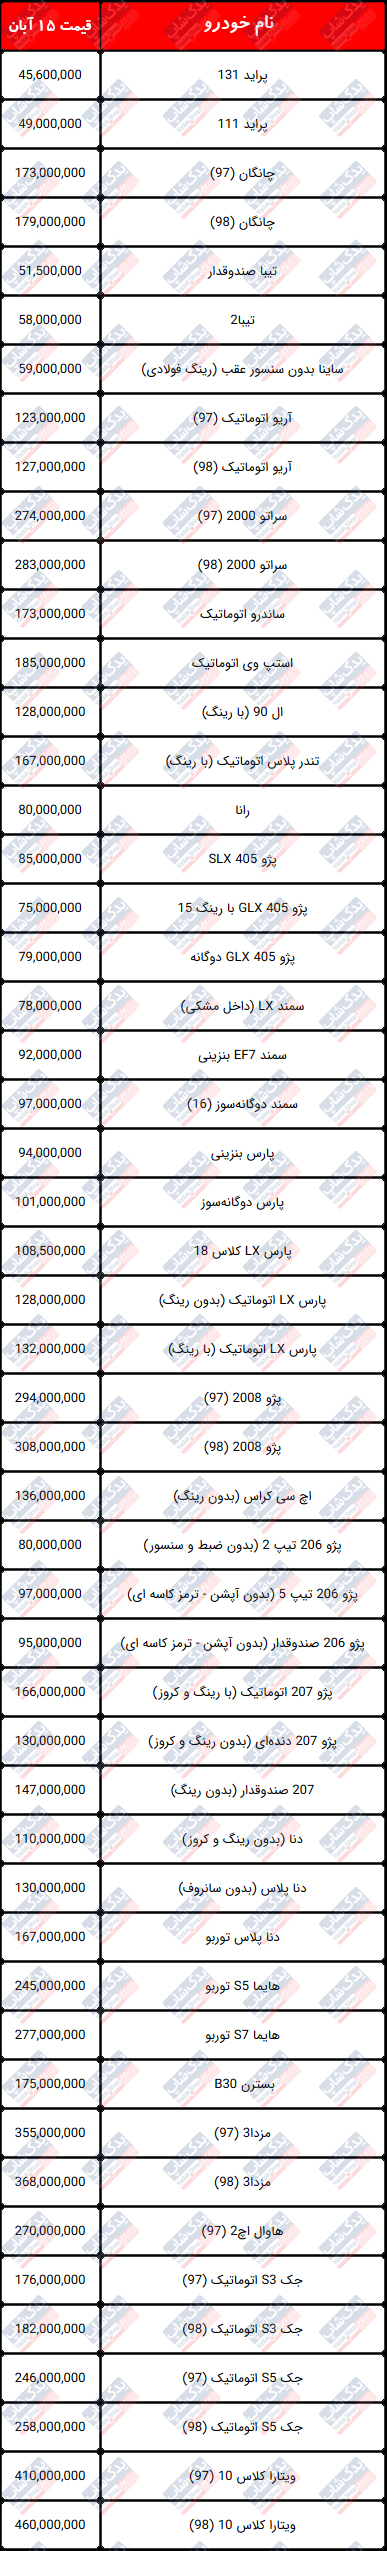 قیمت خودروهای تولید داخل آبان 1398